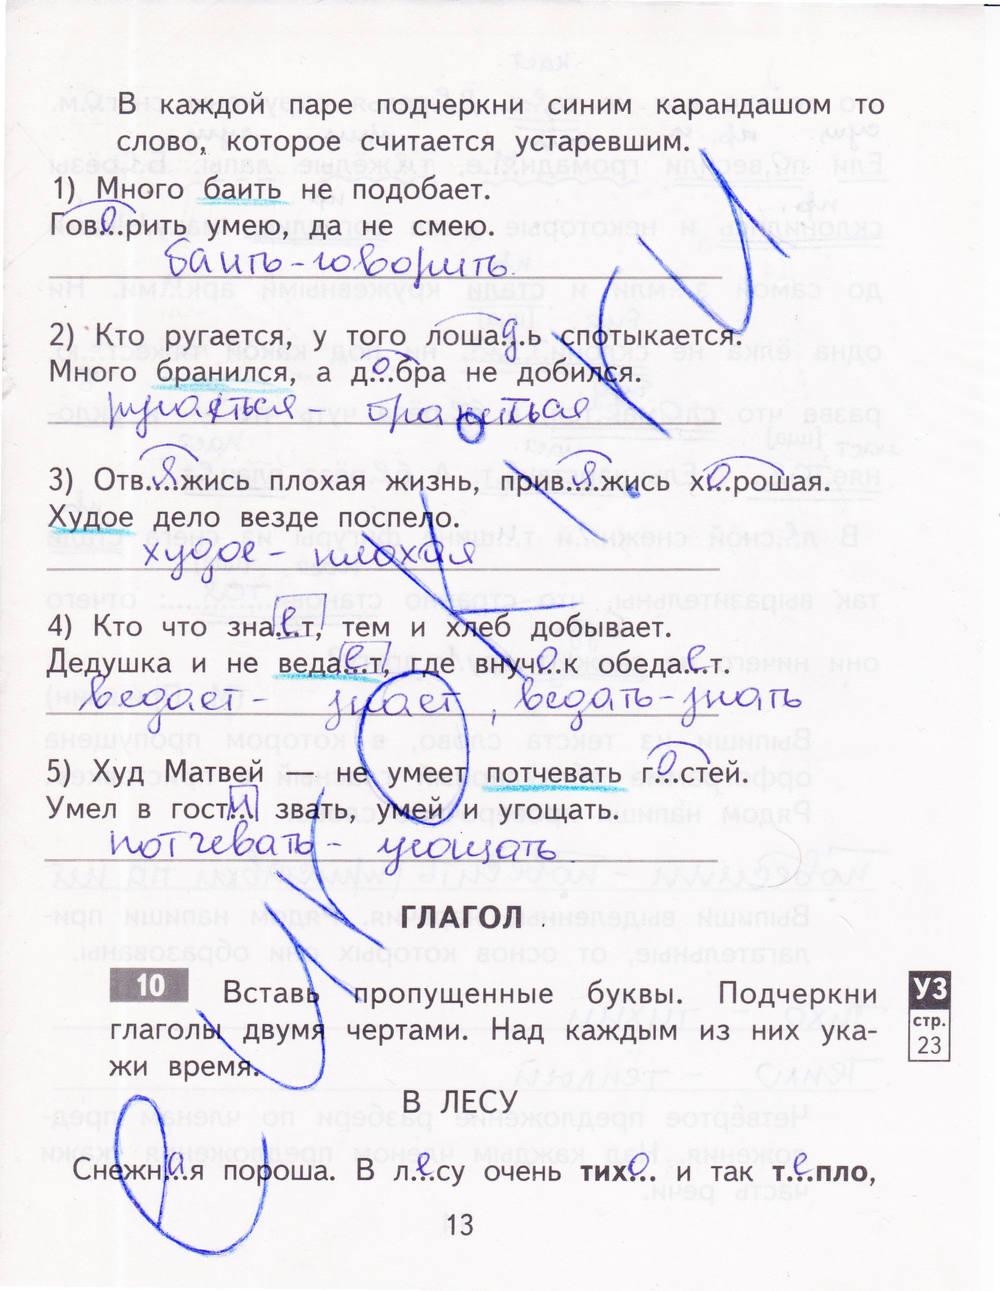 Гдз по русскому языку в рабочей тетради 4 класса 2 часть т байкова